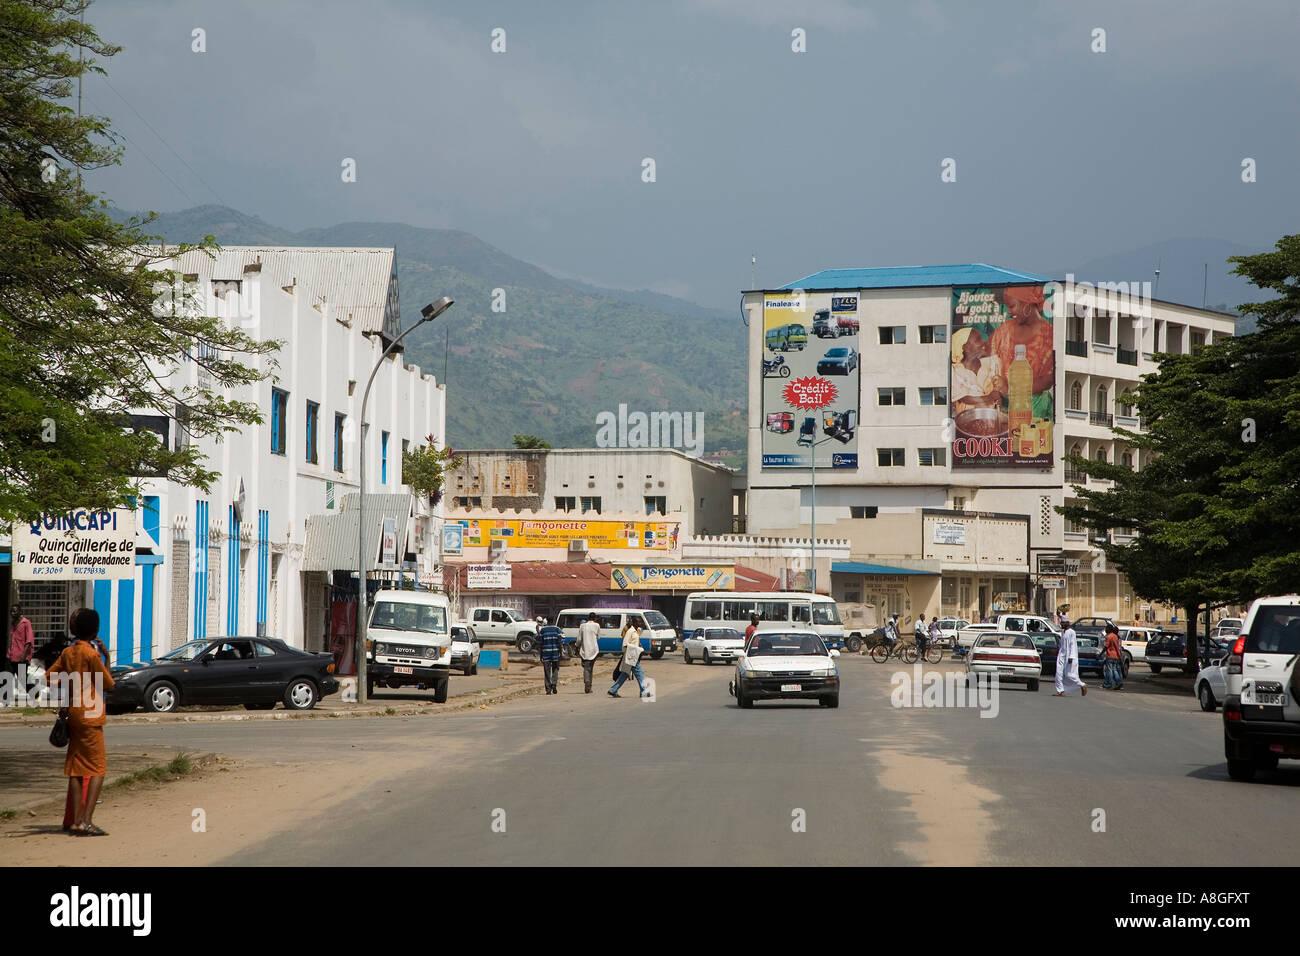 10 lugares del Mundo que nunca debes visitar Africa-burundi-bujumbura-a8gfxt